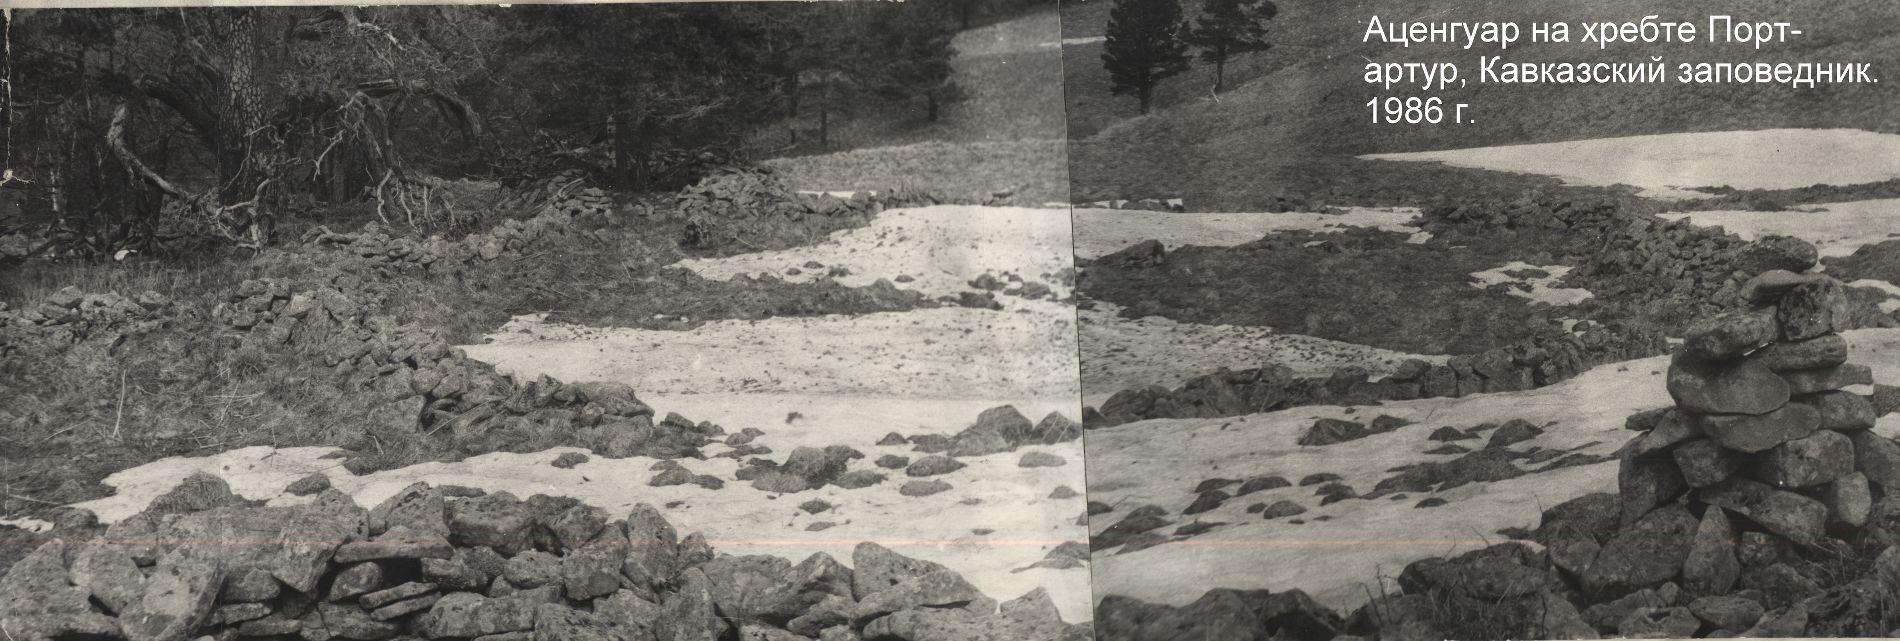 Ацангуар на хребте Порт-артур, 1986 год ©Фото пресс-службы Кавказского заповедника